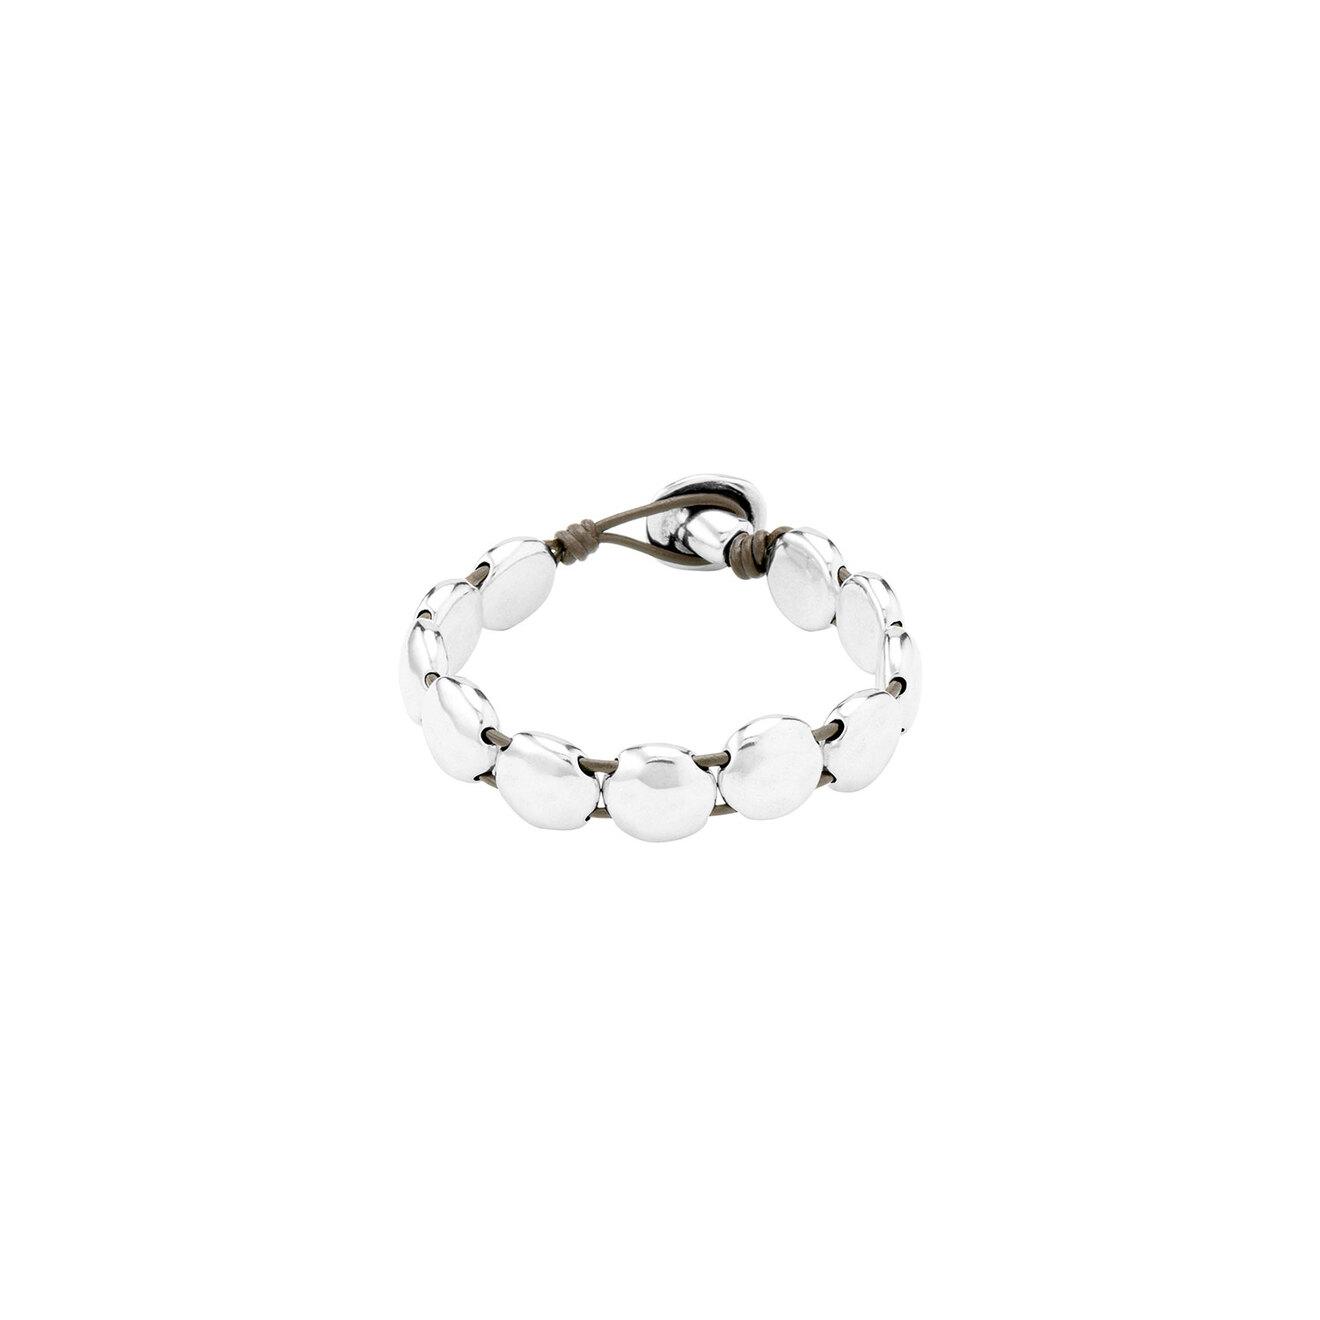 Unode50 Покрытый серебром браслет с натуральной кожей Loading